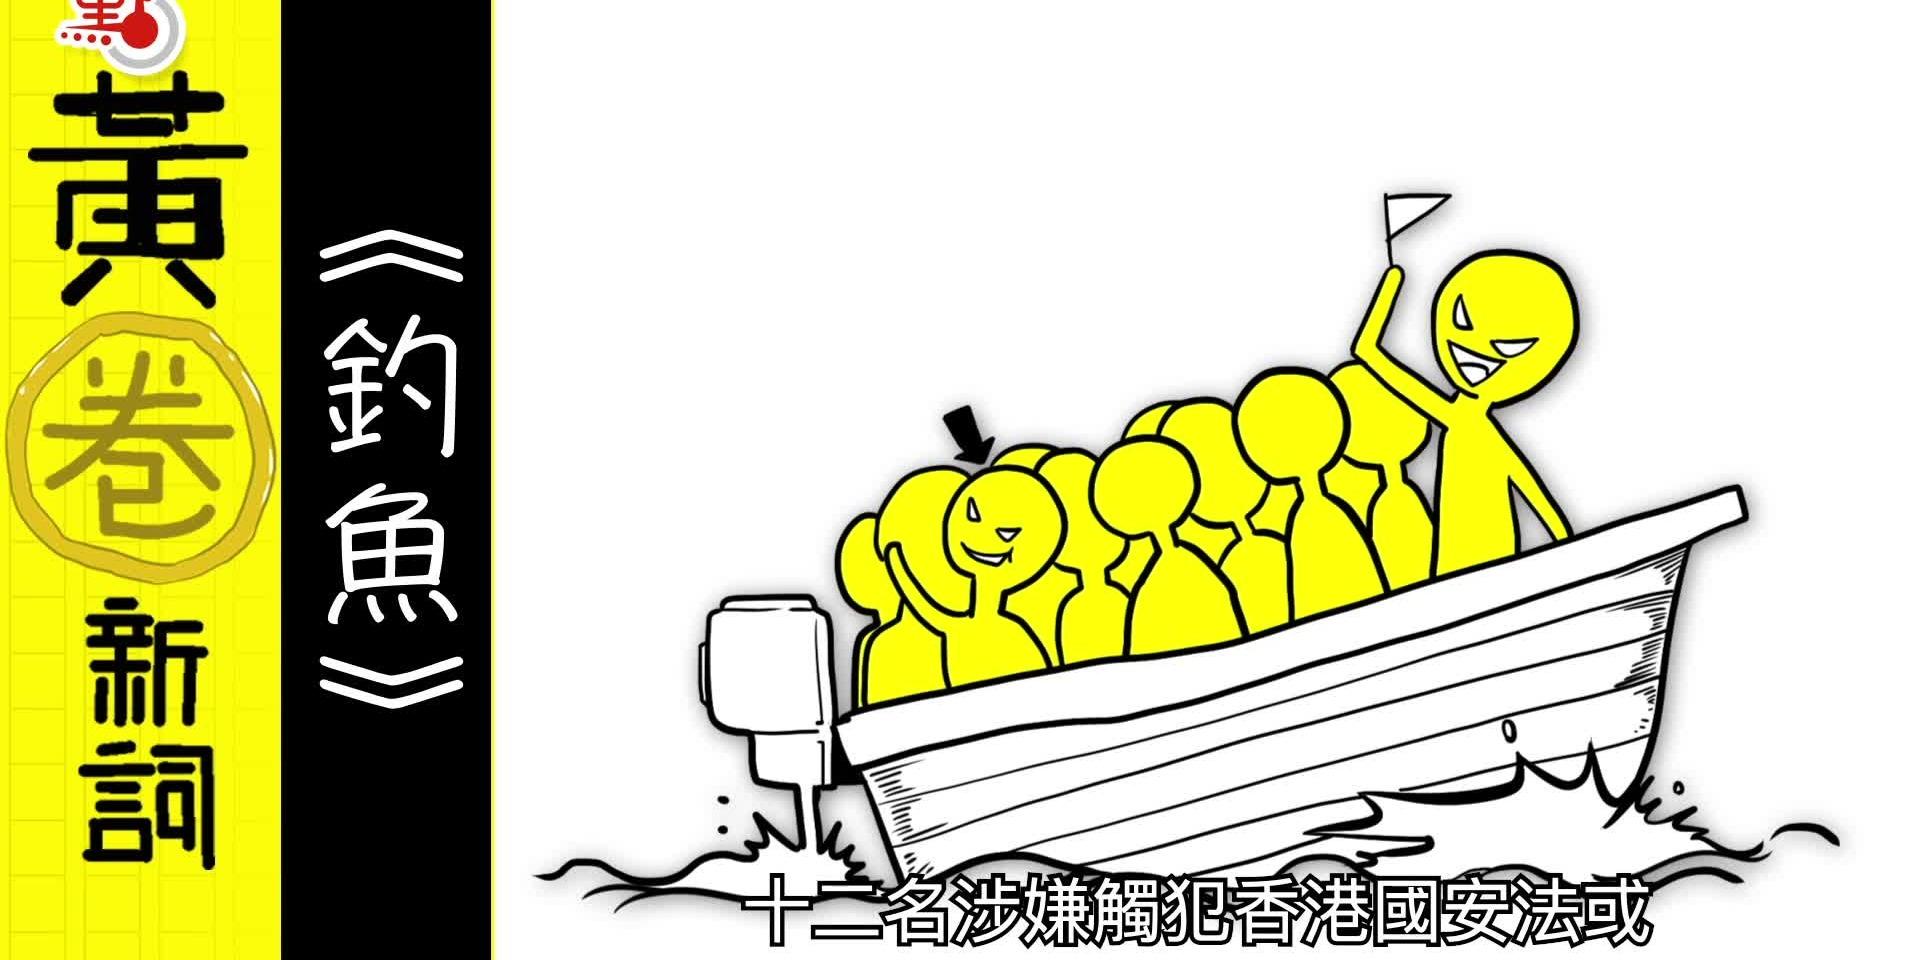 【黃圈新詞】釣魚